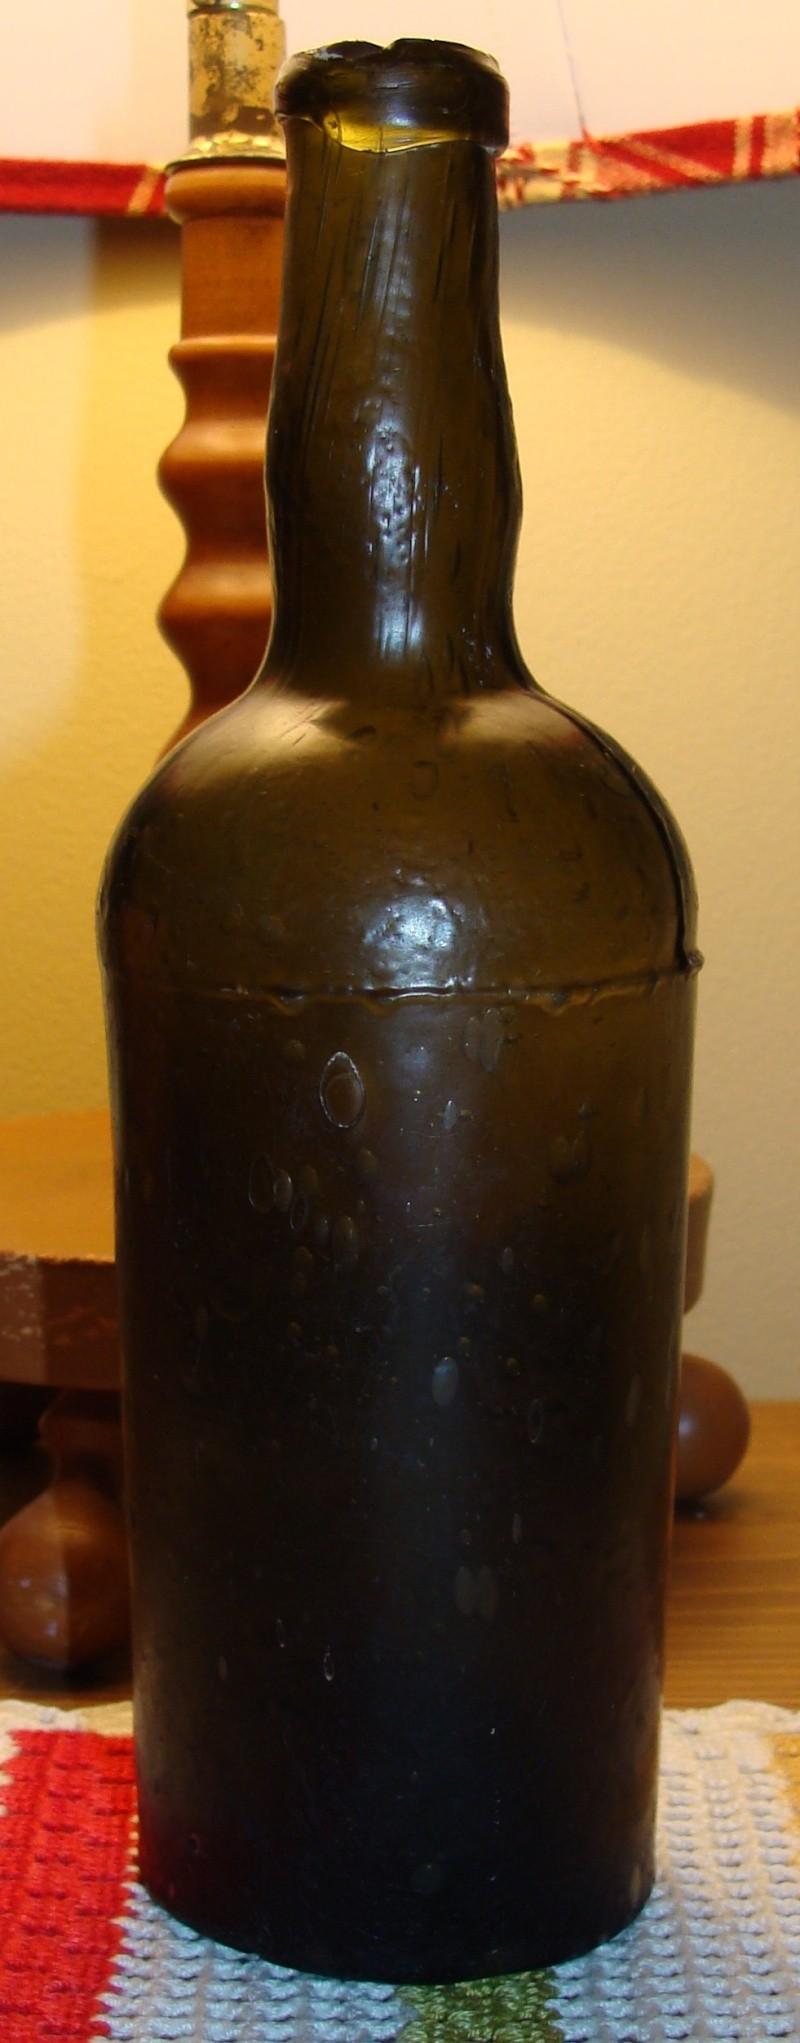 Encore une bouteille noire! 00110